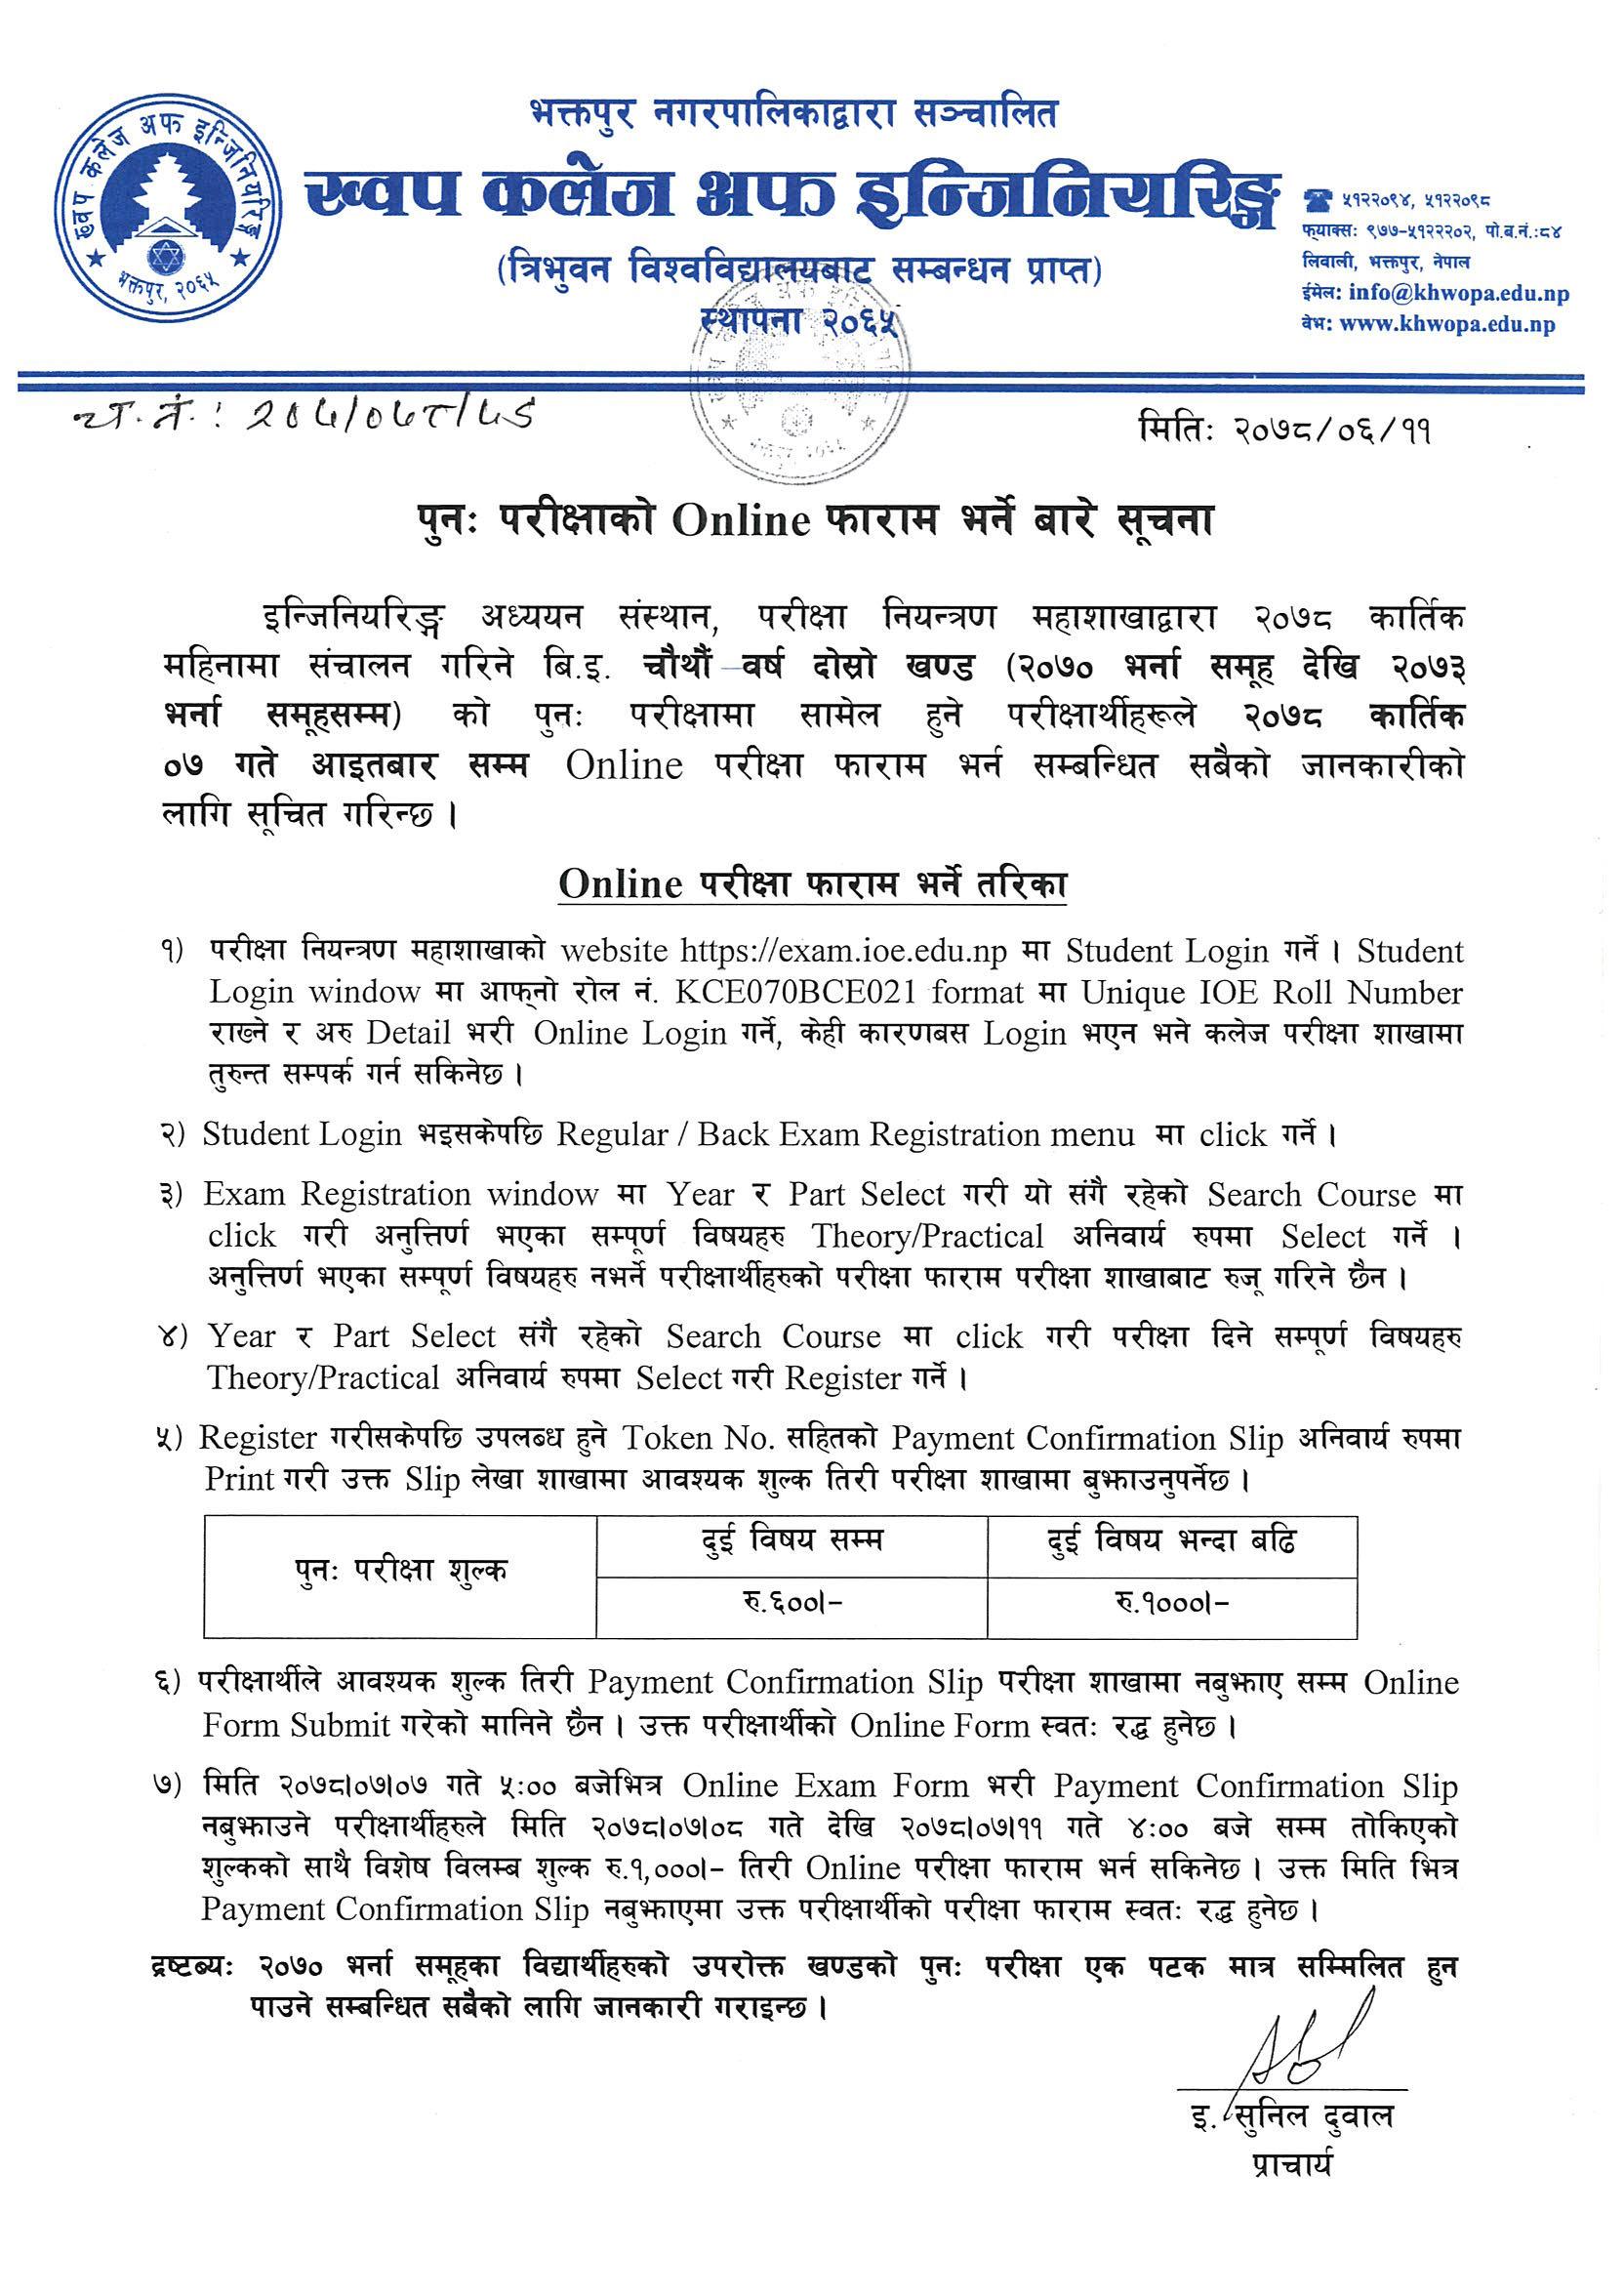 पुनः परीक्षाकाे Online परीक्षा फाराम भर्ने बारे सूचना